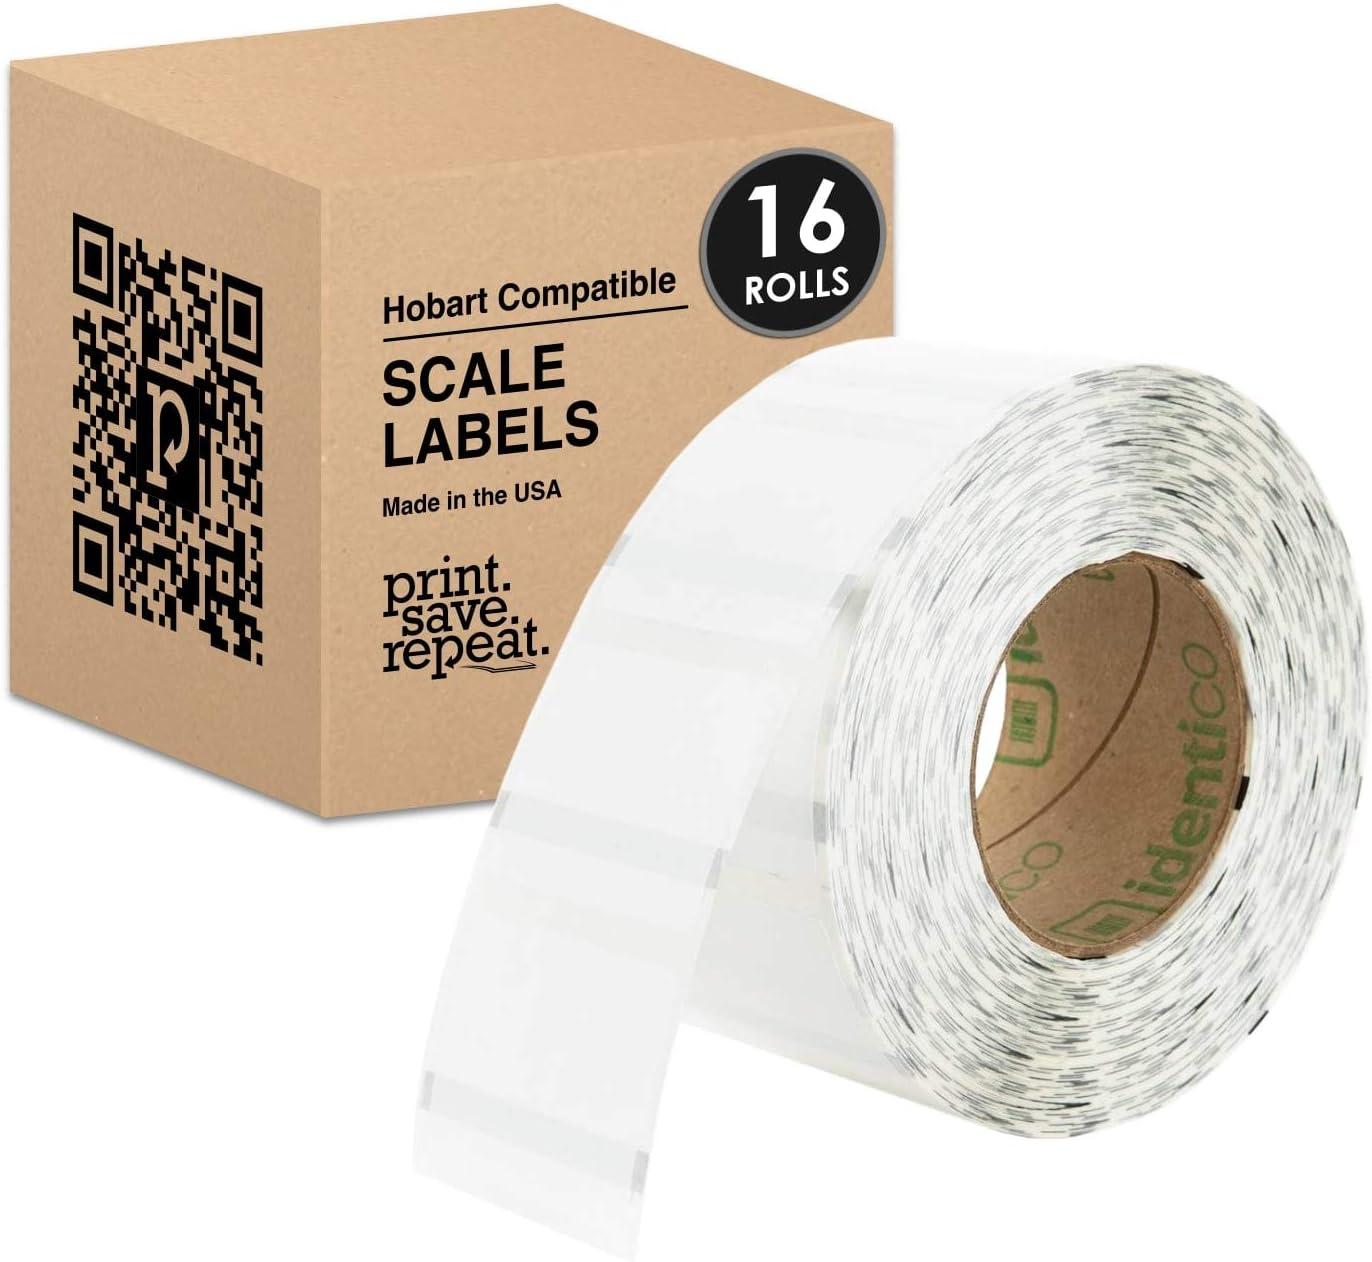 Hobart Quantum Scale 注文後の変更キャンセル返品 Labels ブランド買うならブランドオフ QWU175 2.25 1.75 Rolls in x 16